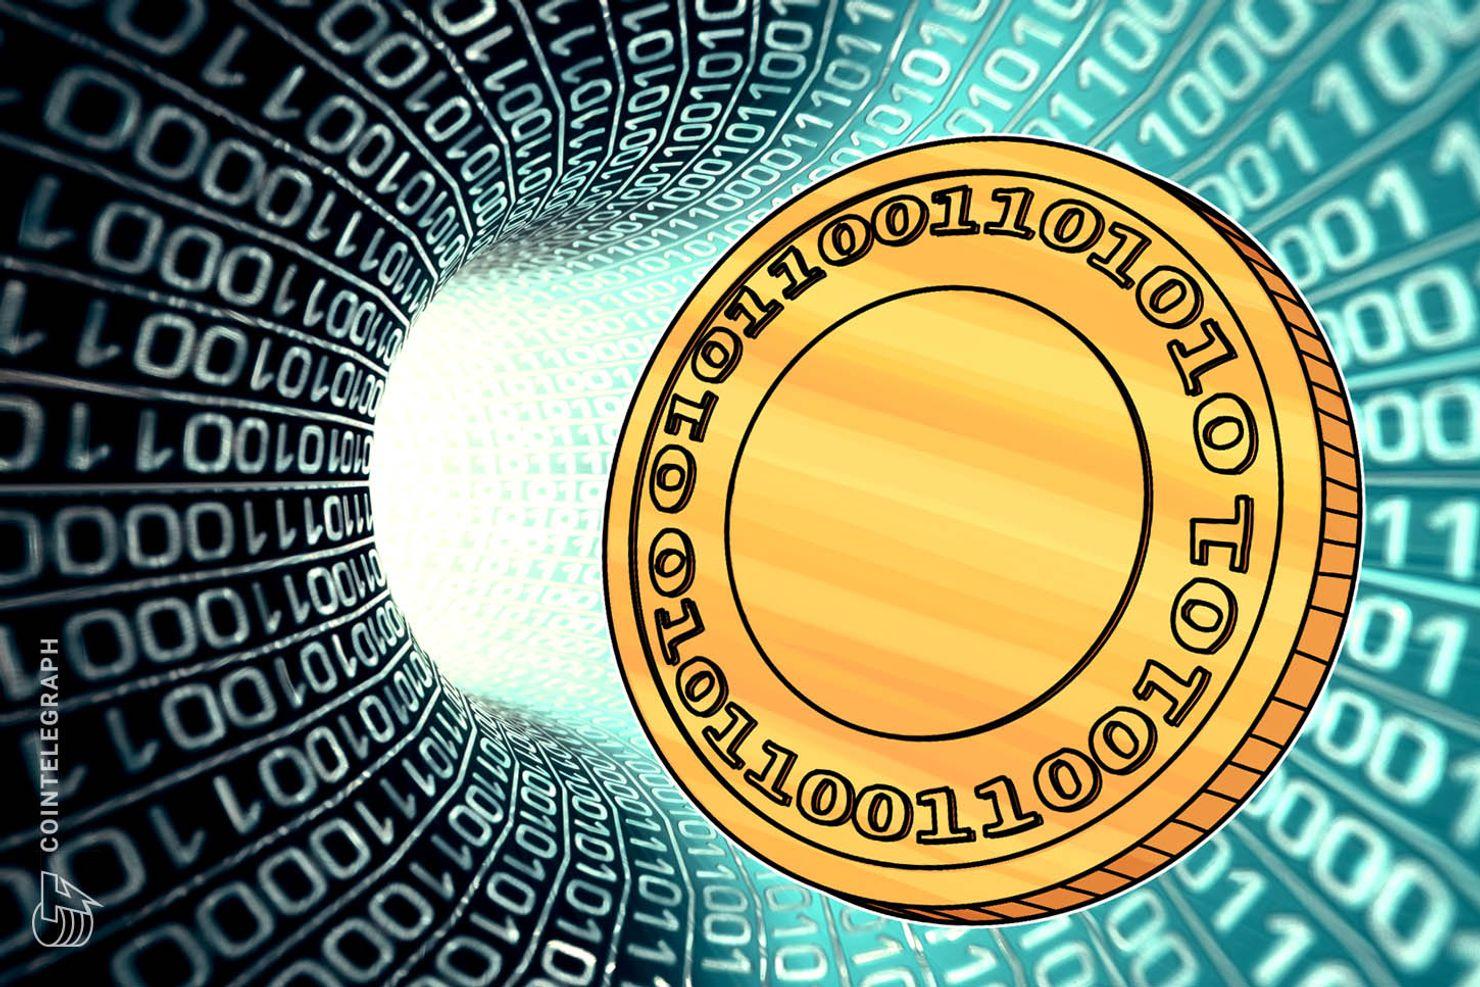 主要仮想通貨3種 GitHubにおける週間コミット数(10月15日)